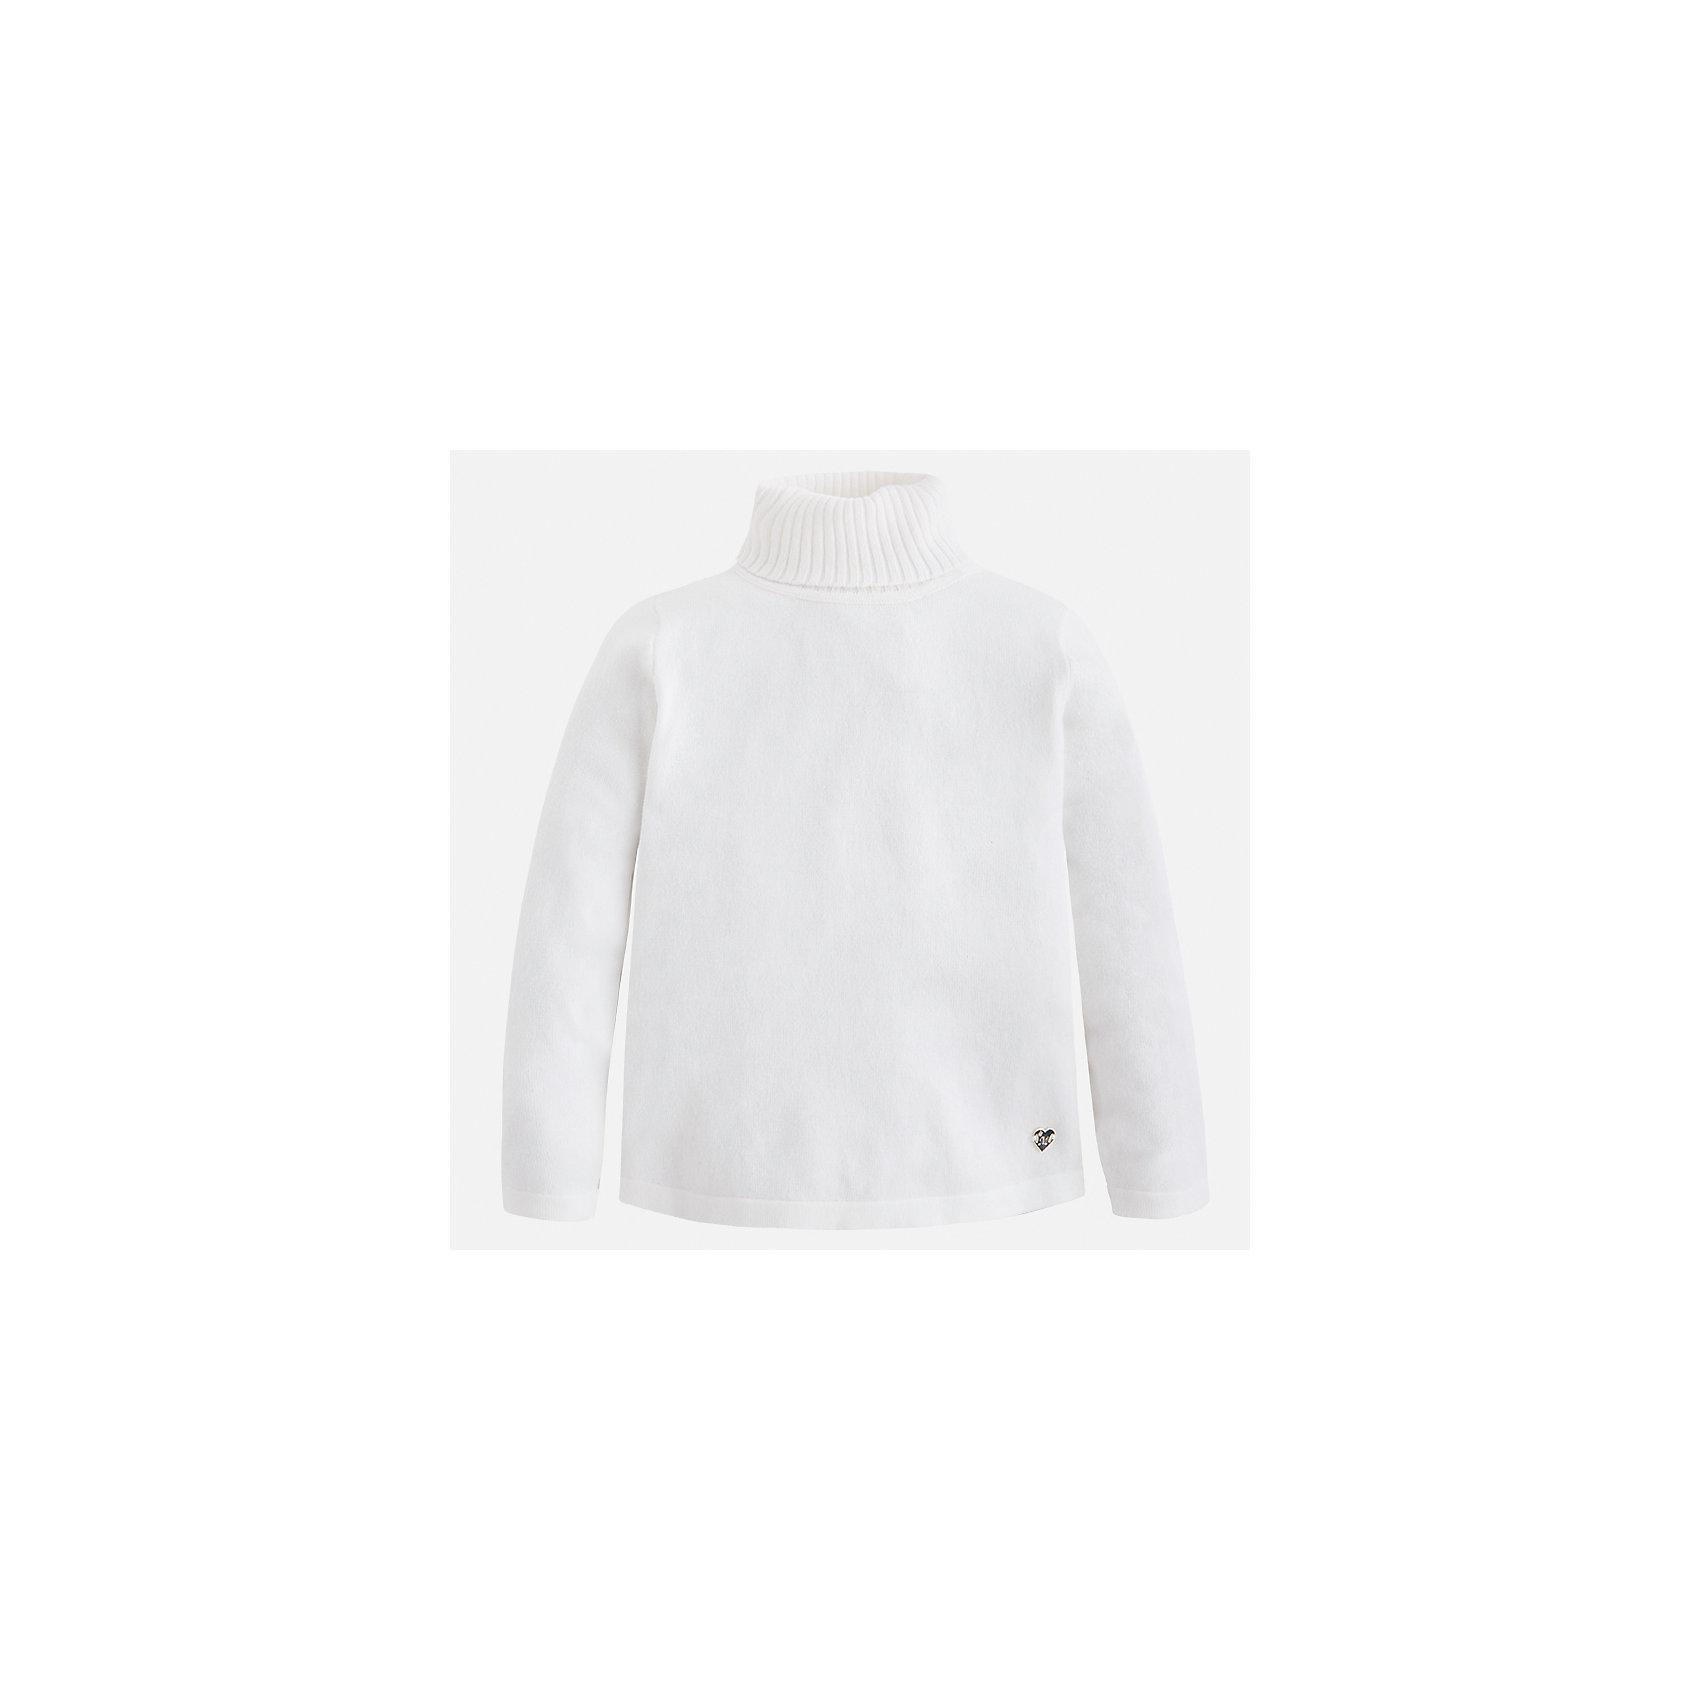 Водолазка Mayoral для девочкиВодолазки<br>Характеристики товара:<br><br>• цвет: белый<br>• состав ткани: 80% хлопок, 17% полиамид, 3% эластан<br>• сезон: демисезон<br>• особенности: высокий ворот<br>• длинные рукава<br>• страна бренда: Испания<br>• страна изготовитель: Индия<br><br>Белый свитер для девочки от Майорал подарит ребенку комфорт и тепло. Детский свитер отличается модным и продуманным дизайном. В свитере для девочки от испанской компании Майорал ребенок будет выглядеть модно, а чувствовать себя - комфортно. <br><br>Свитер для девочки Mayoral (Майорал) можно купить в нашем интернет-магазине.<br><br>Ширина мм: 190<br>Глубина мм: 74<br>Высота мм: 229<br>Вес г: 236<br>Цвет: белый<br>Возраст от месяцев: 96<br>Возраст до месяцев: 108<br>Пол: Женский<br>Возраст: Детский<br>Размер: 134,92,98,104,110,116,122,128<br>SKU: 6919908